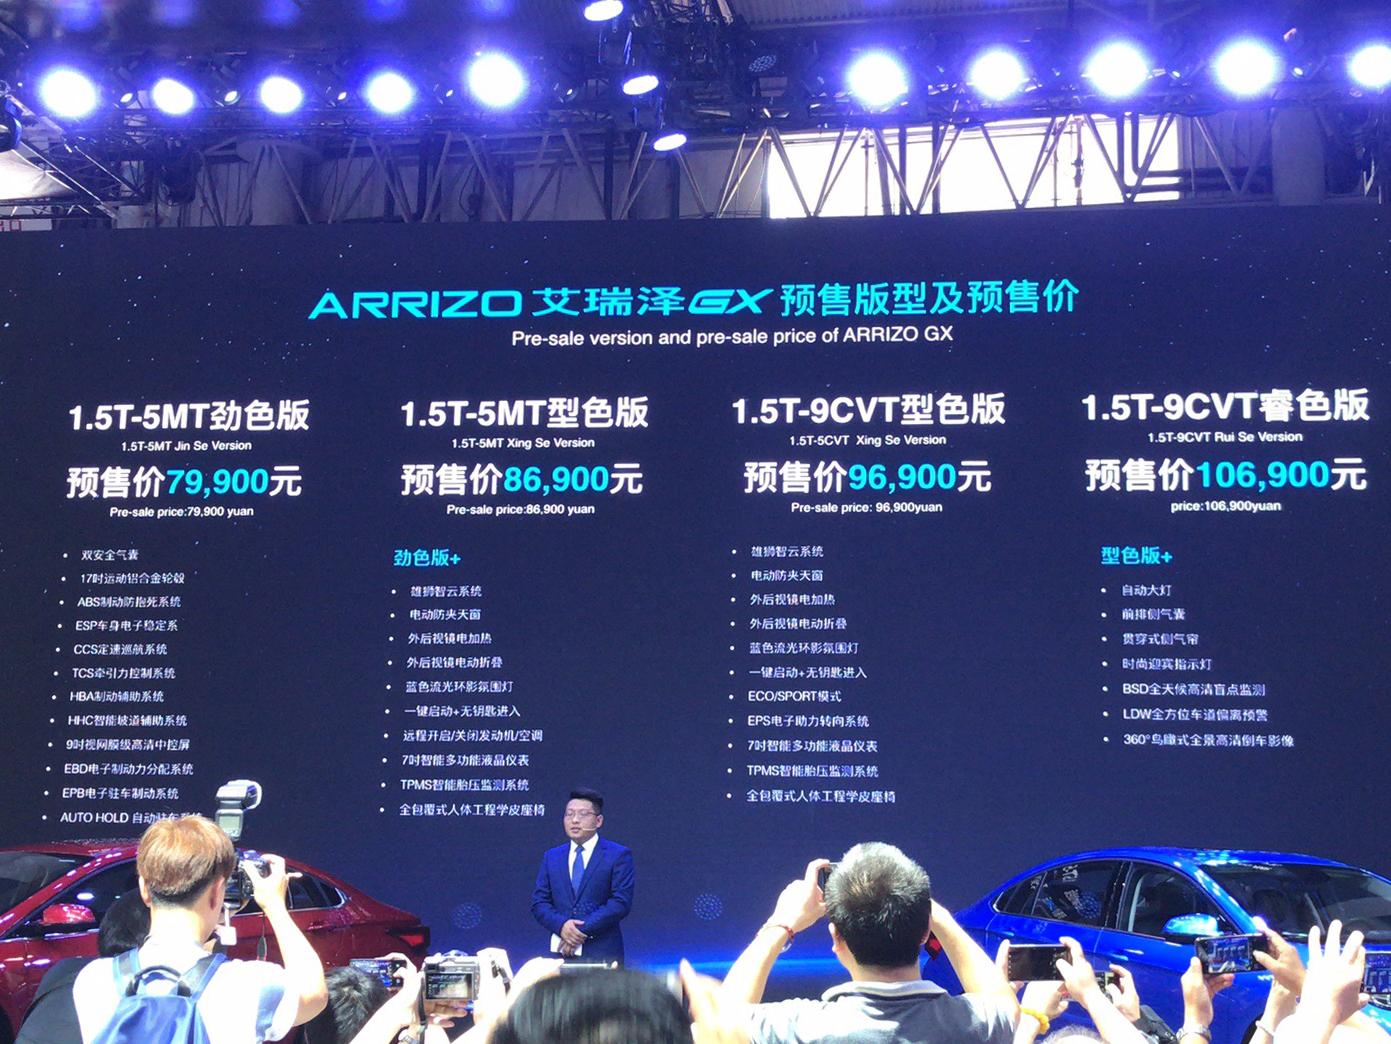 预售价1.99万起 奇瑞全新车型艾瑞泽GX发布